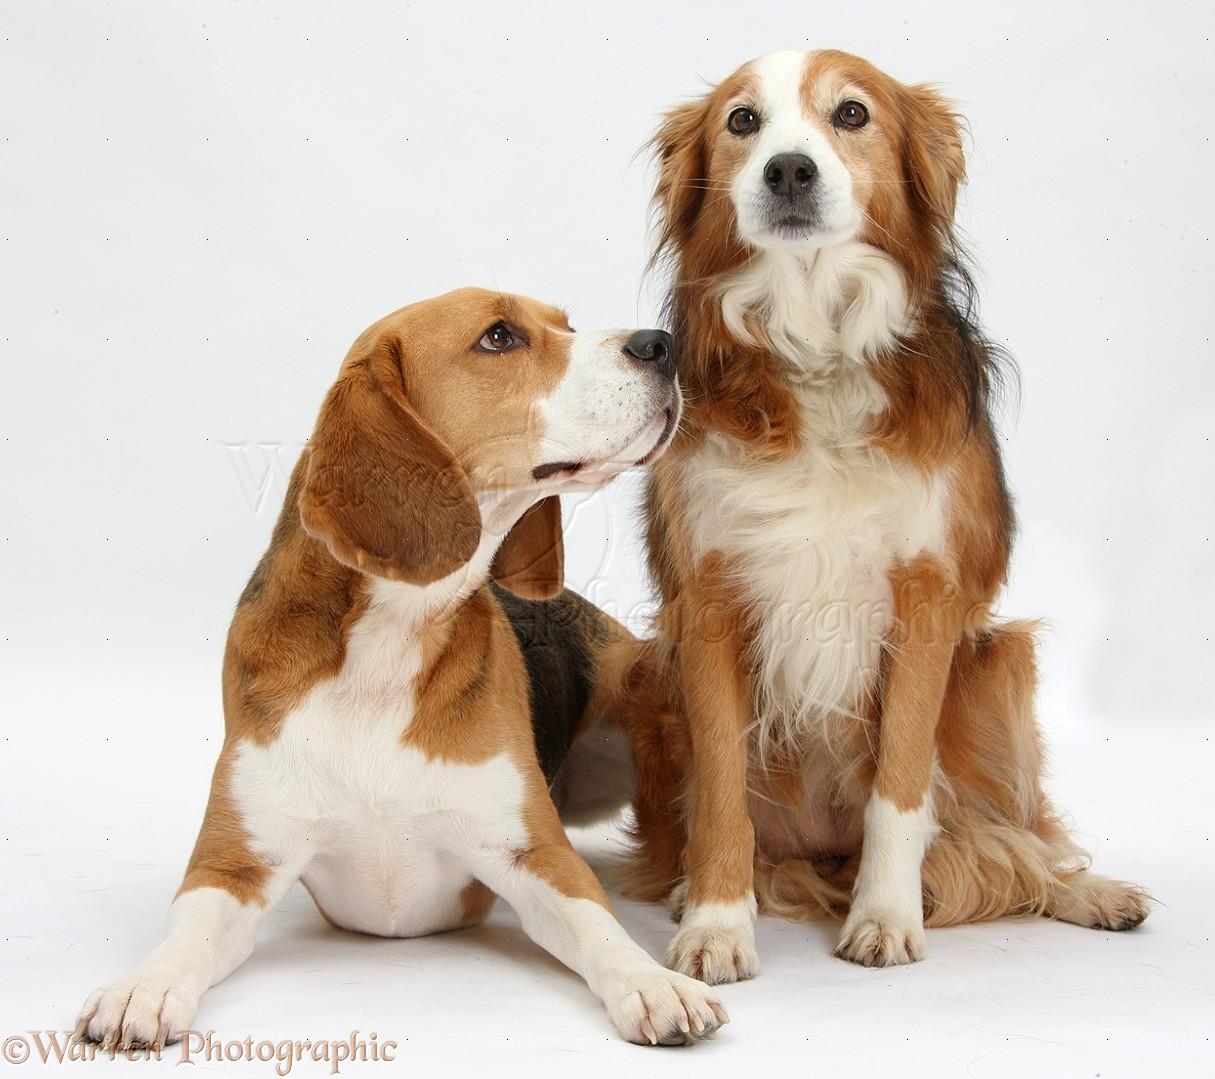 ... Blue Heeler Mix Puppies For | Dog Breeds ... Border Collie Blue Heeler